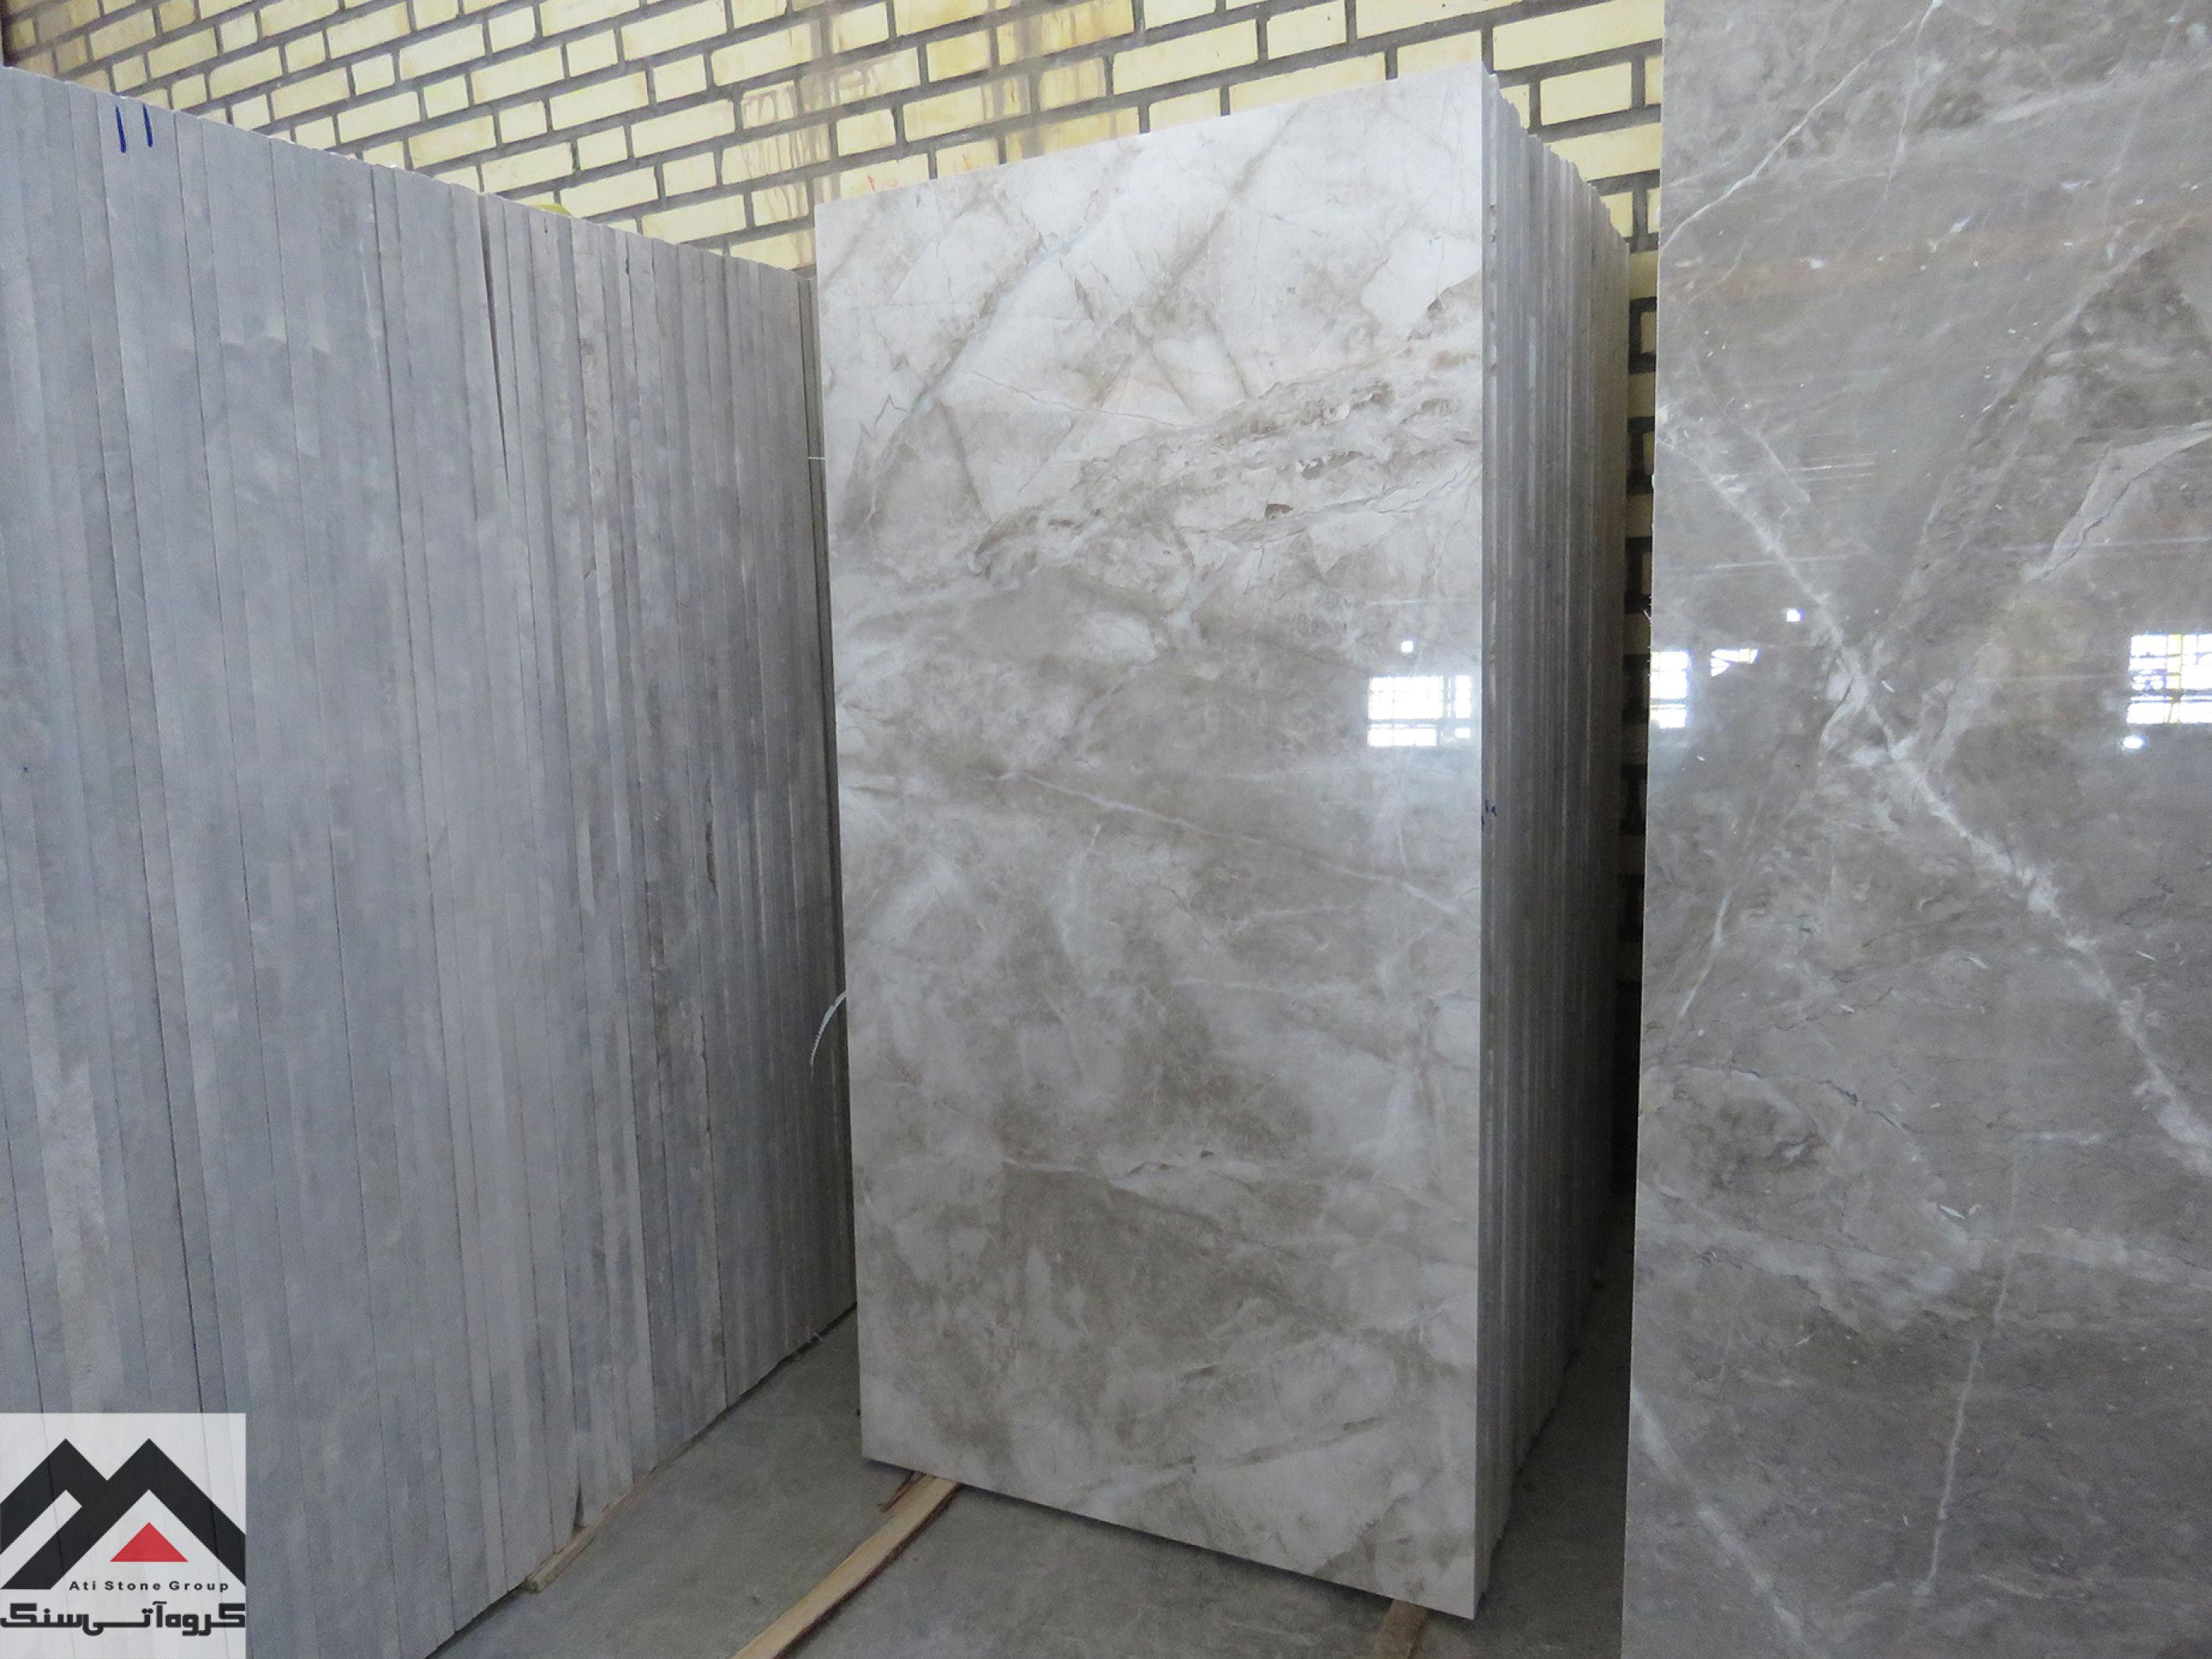 از انواع سنگ مرمریت، سنگ مرمریت پرشین سیلک با زمینه خاکستری با کیفیت ممتاز و خواص مکانیکی عالی